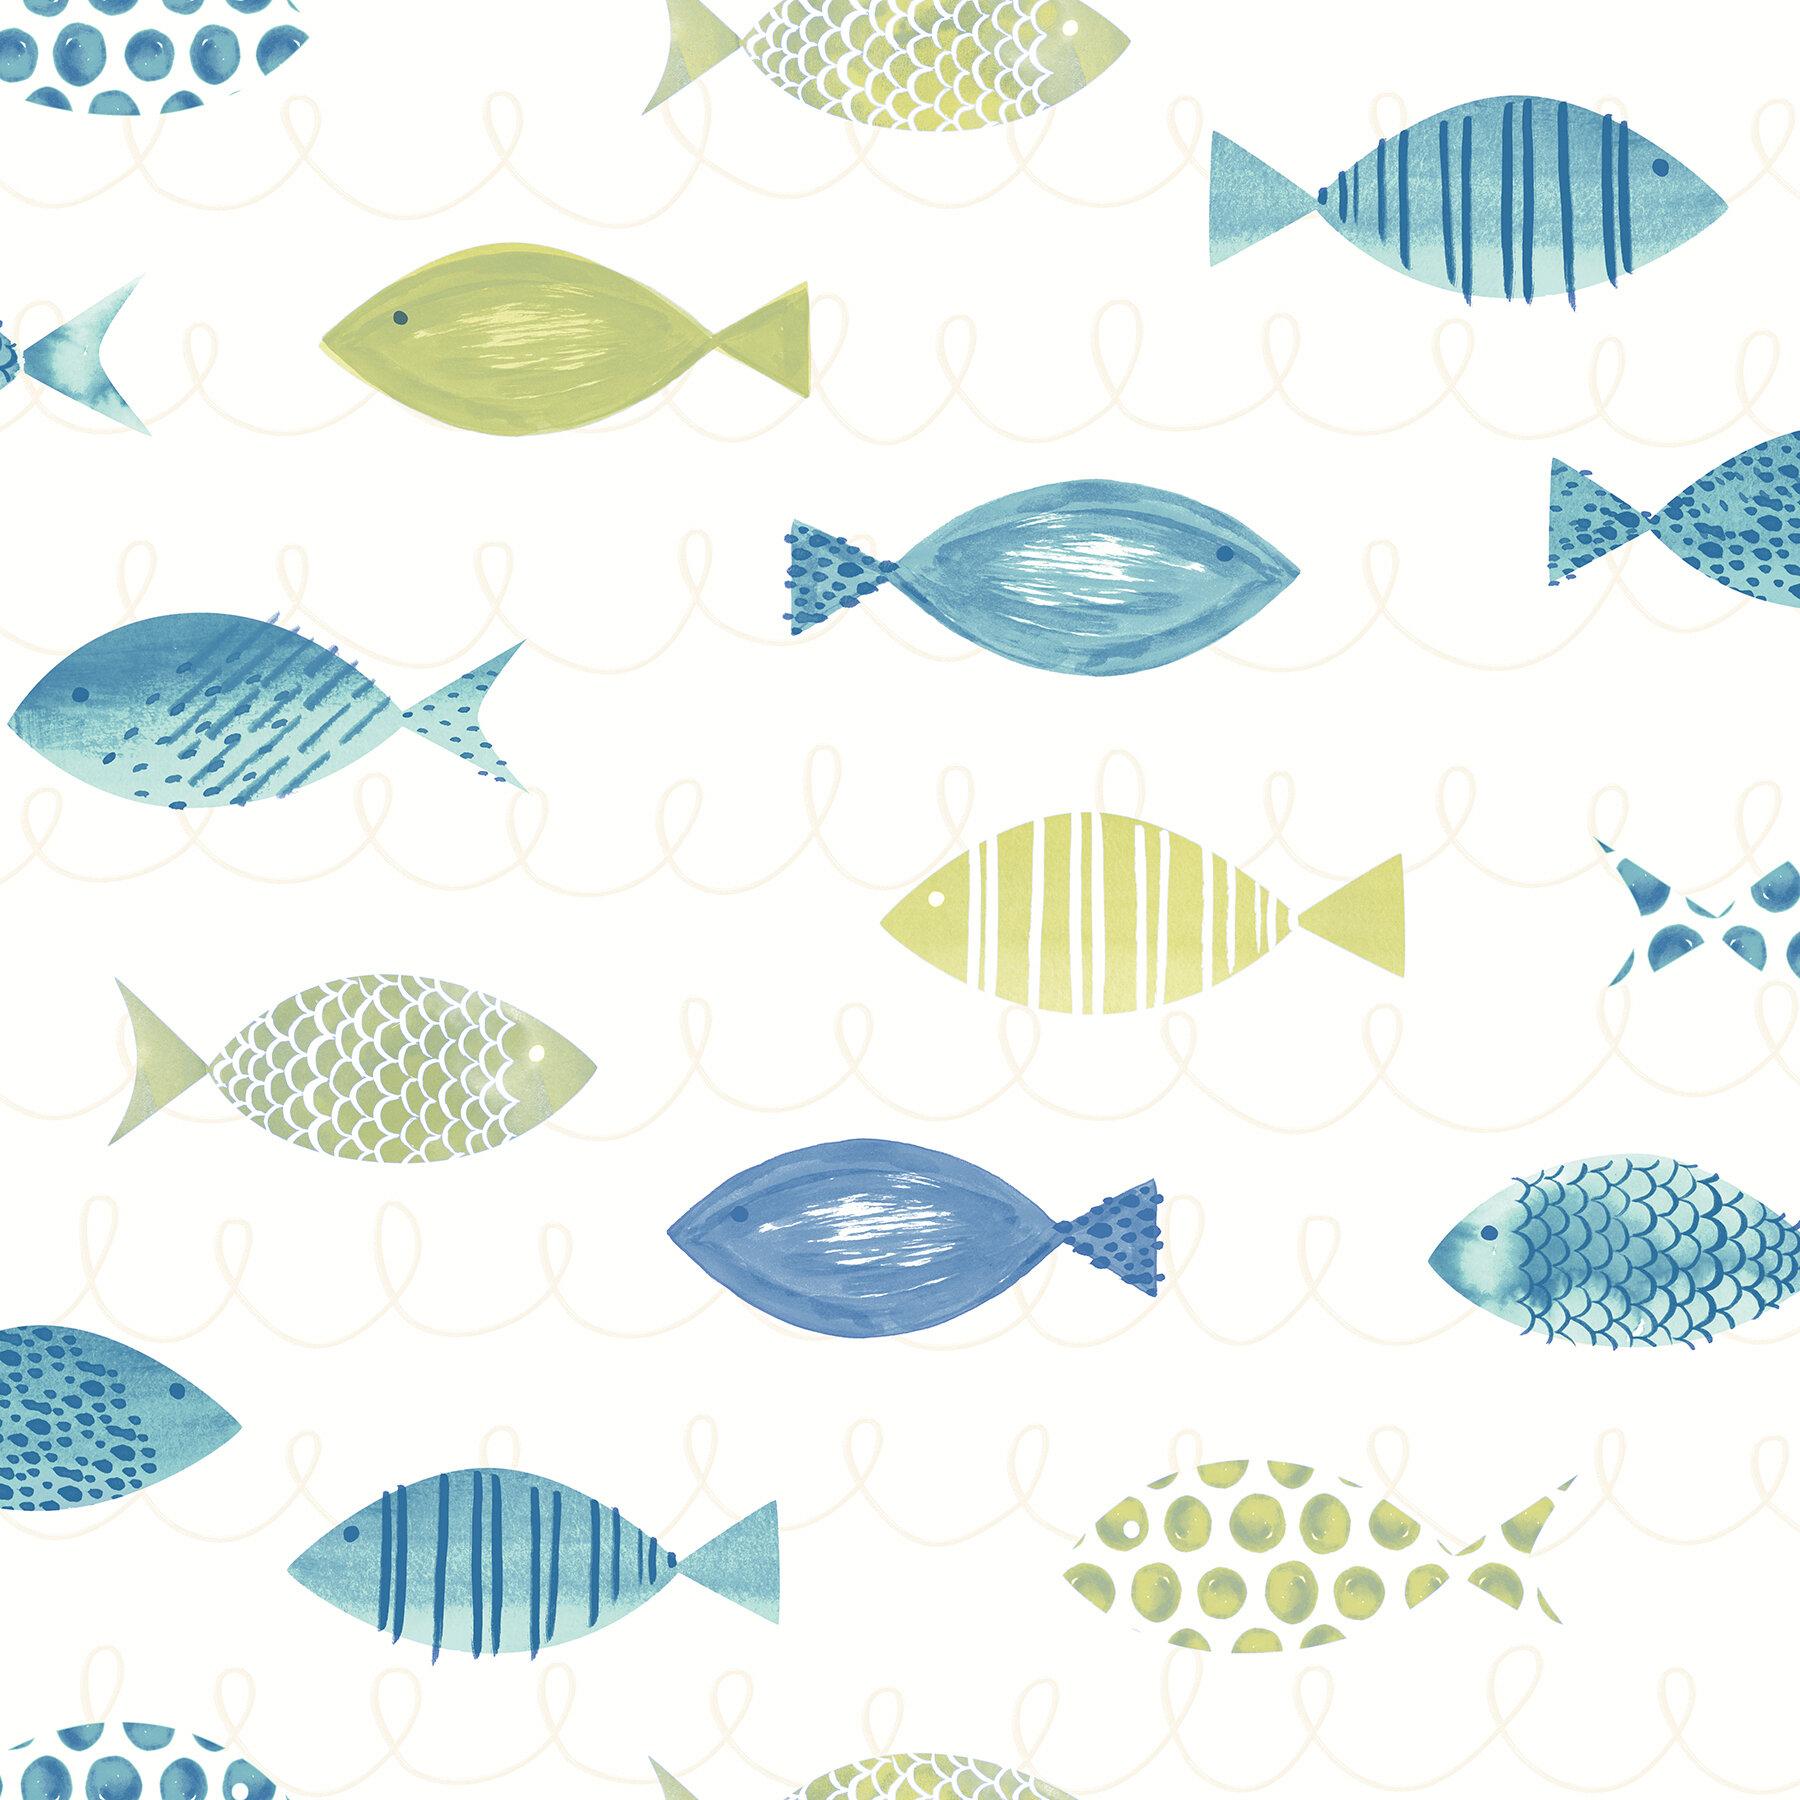 Highland Dunes Downend 33 X 20 5 Fish Wallpaper Roll Reviews Wayfair